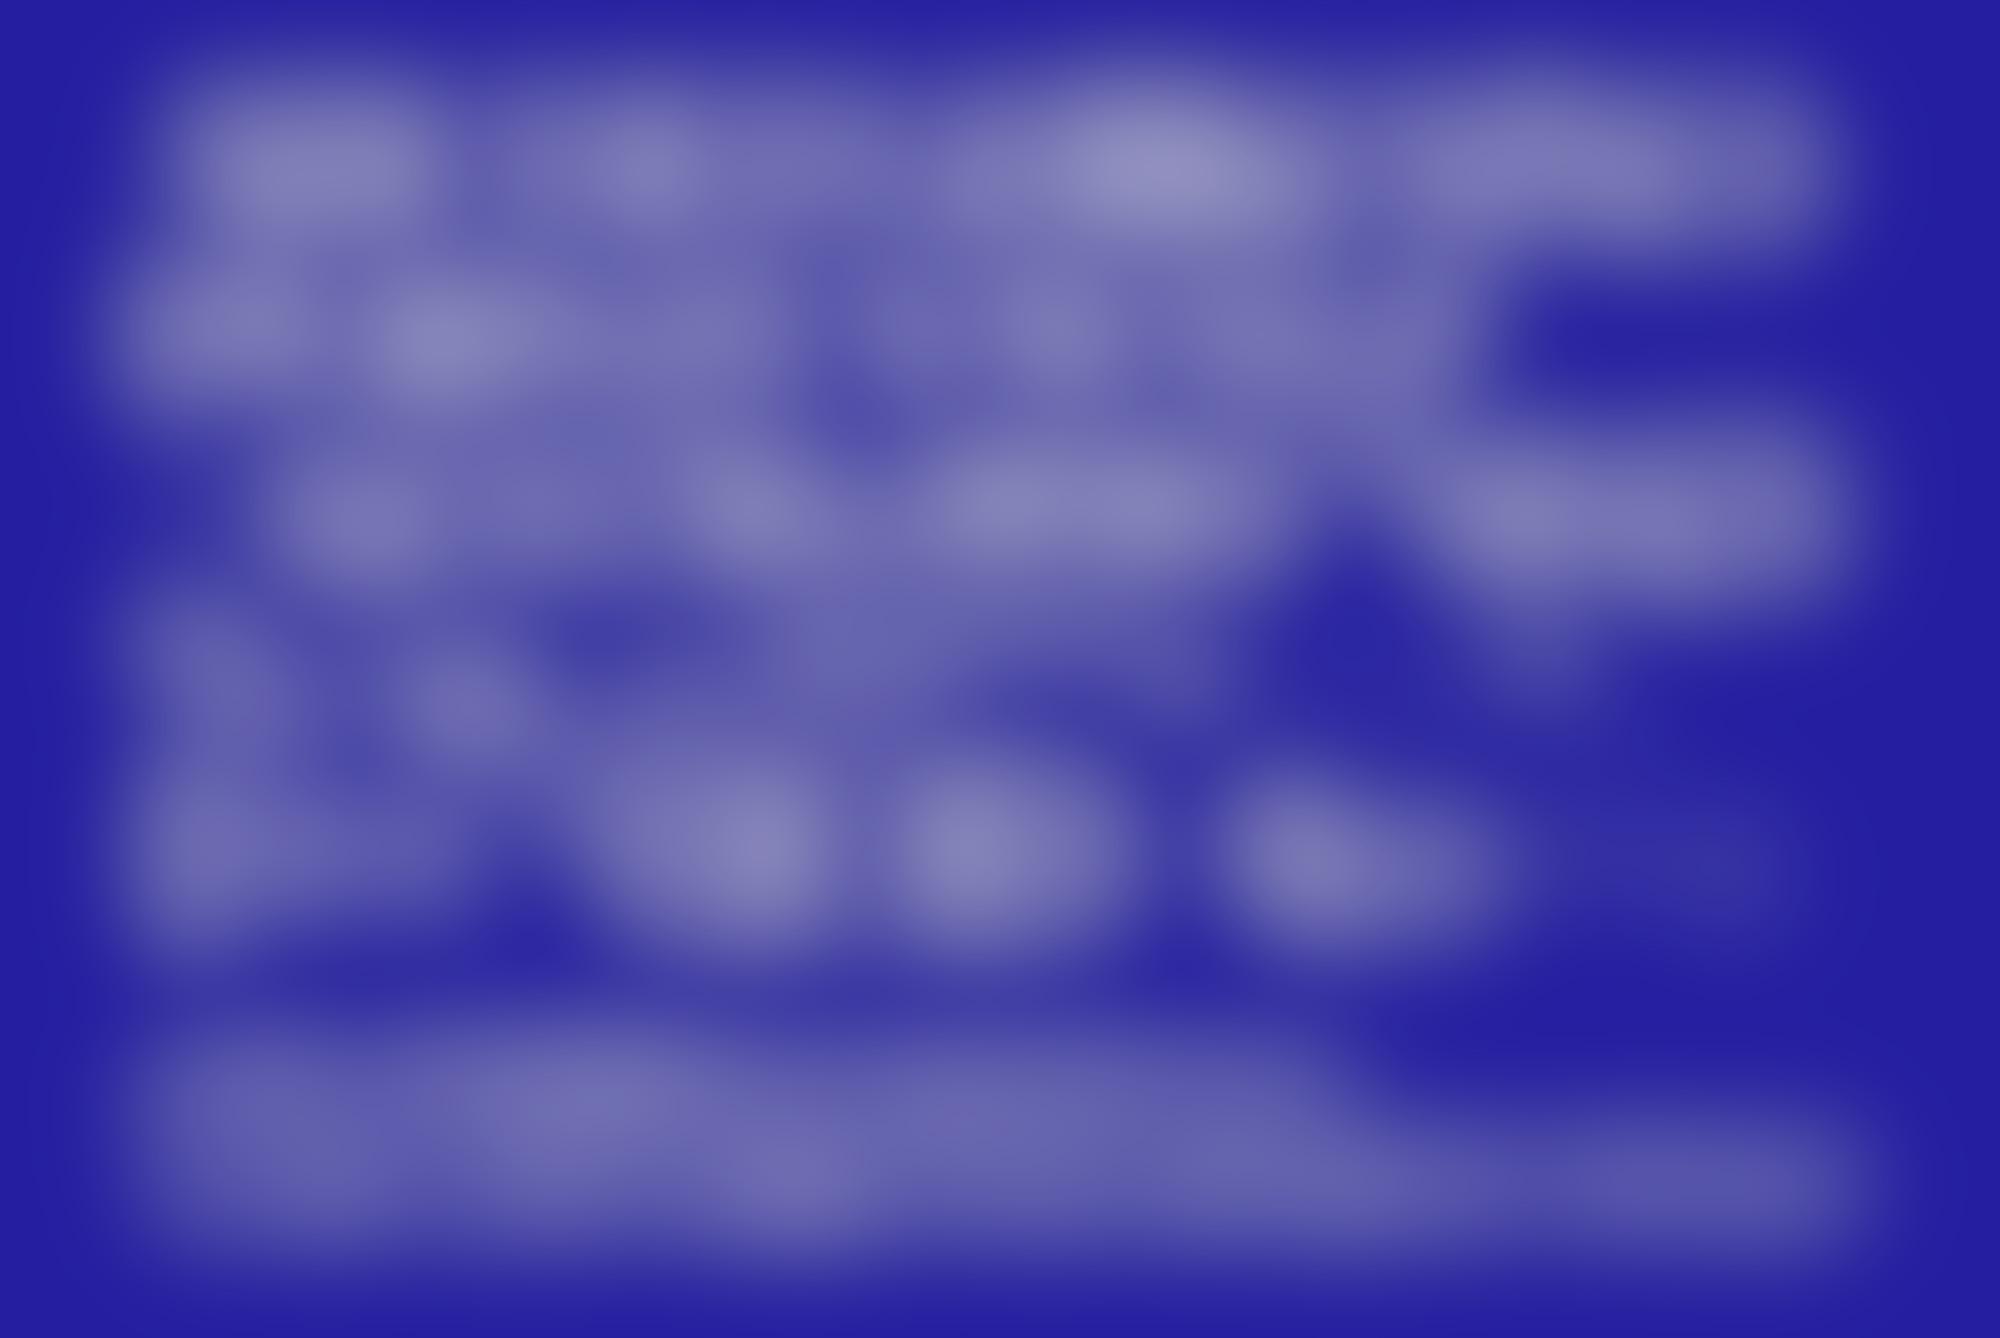 Sawdust x quainton 4 autocompressfitresizeixlibphp 1 1 0max h2000max w3 D2000q80s9cbe19bf63d8a097572198dbad5839dd